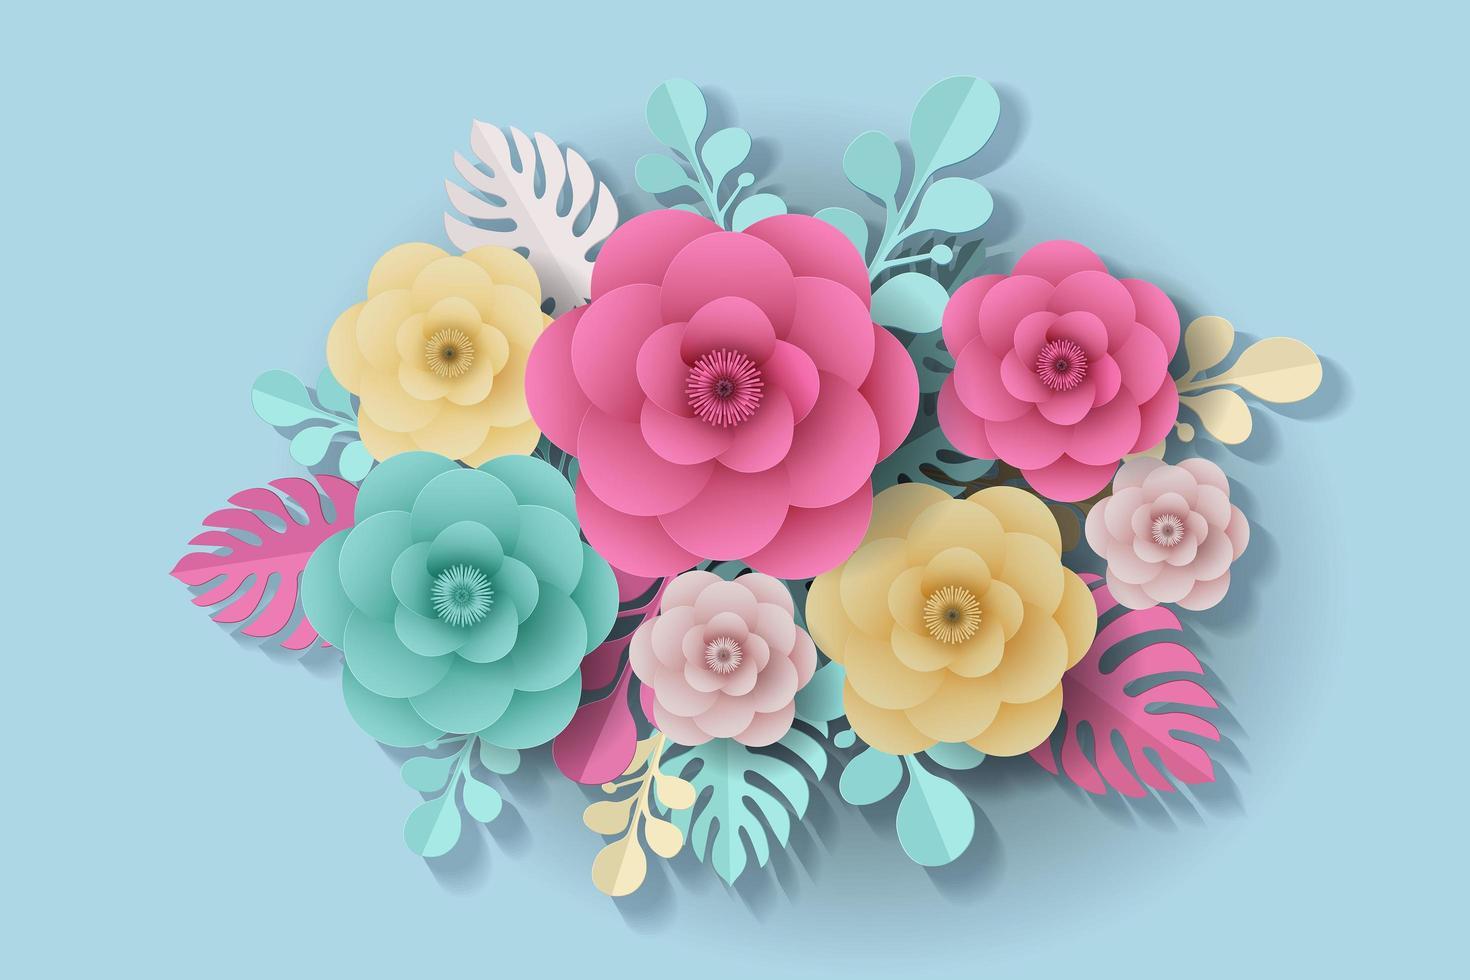 flores de colores y hojas en papel cortado estilo vector